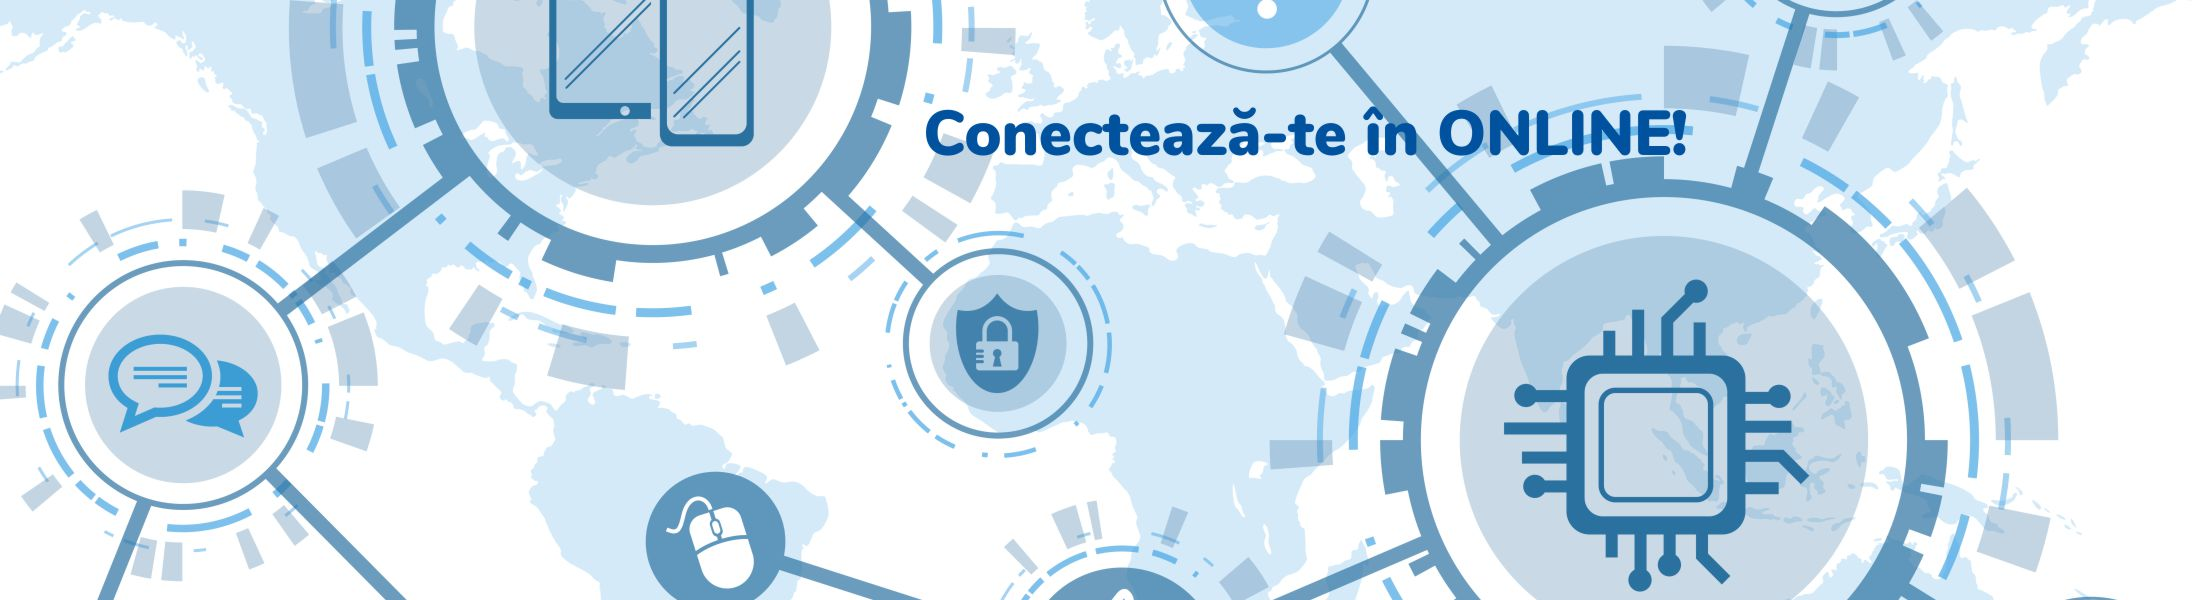 conecteaza-te in online